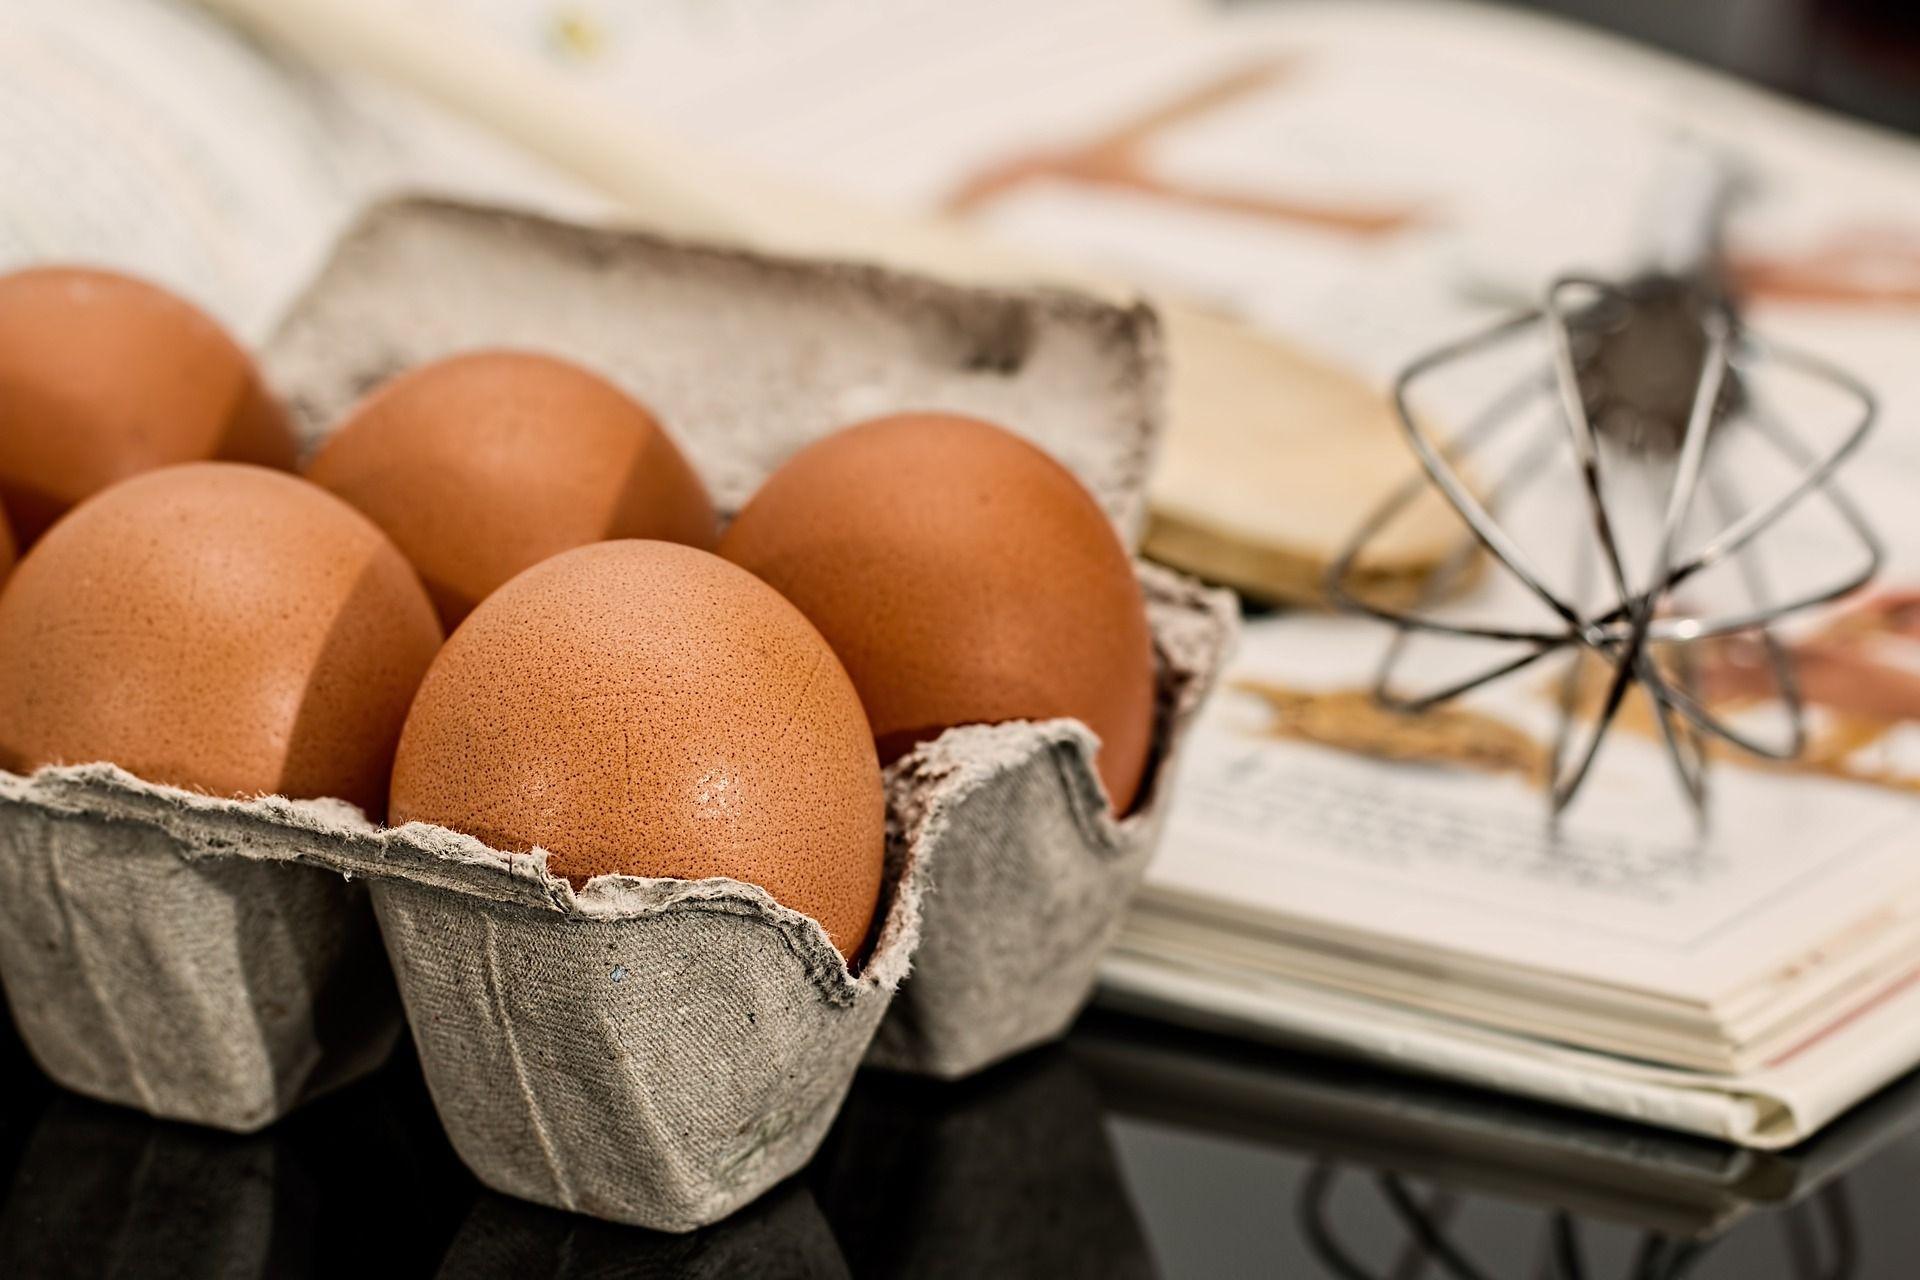 Venta de huevos camperos de categoría 1